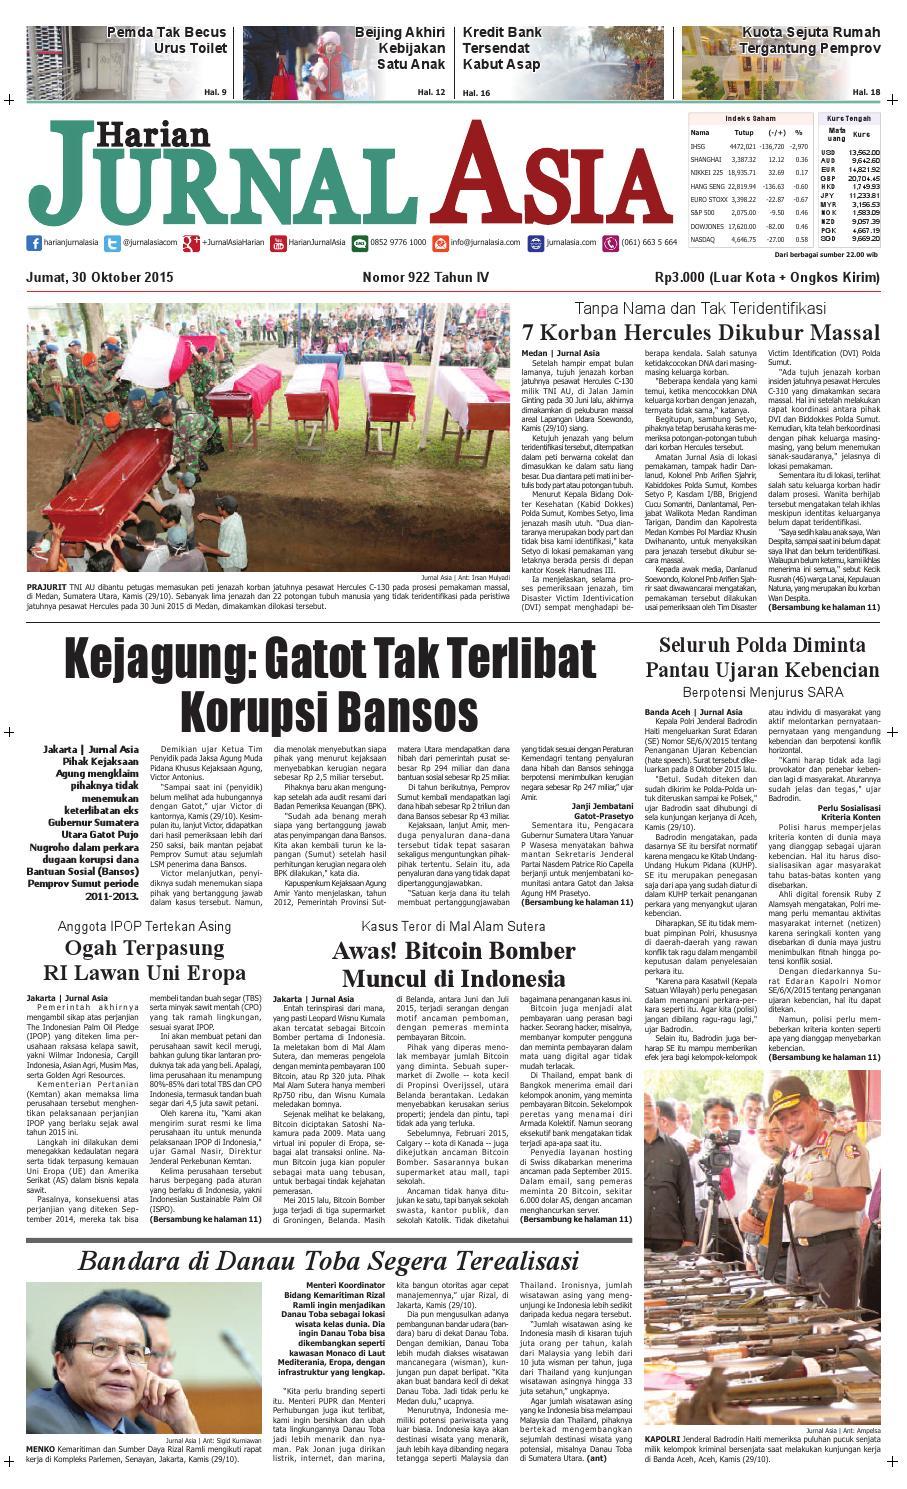 Home Xl Axiata Nomor Cantik 08 77889900 35 Page 2 Harian Jurnal .